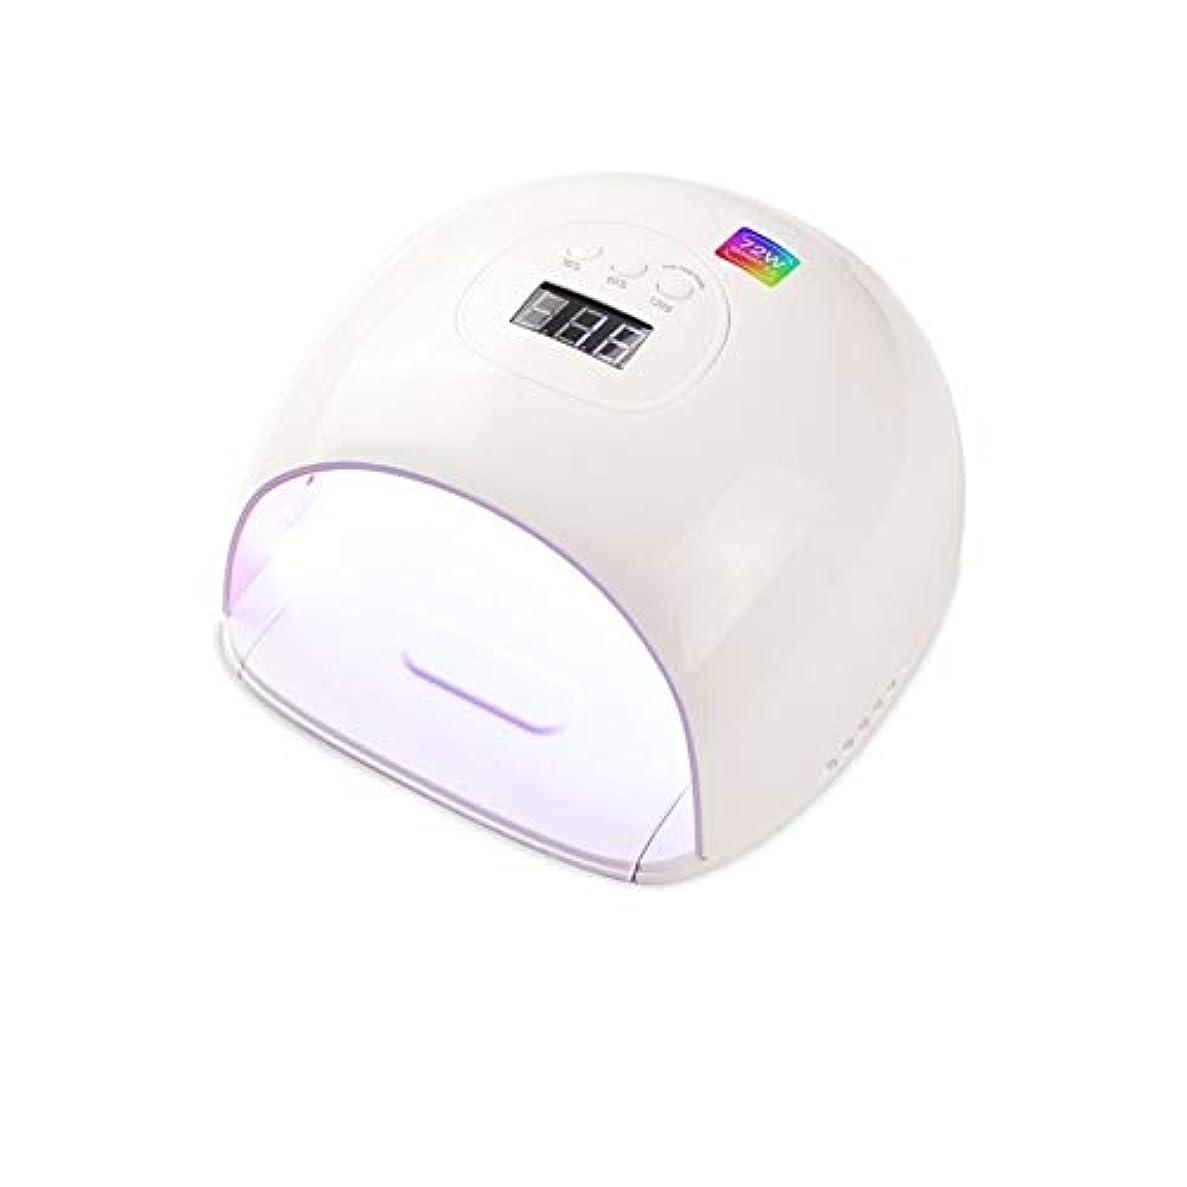 背骨望むペーストLittleCat UV / LEDランプスマートセンサネイルUVランプ電力72Wプラスチックポーランドドライヤー (色 : European standard circular plug)